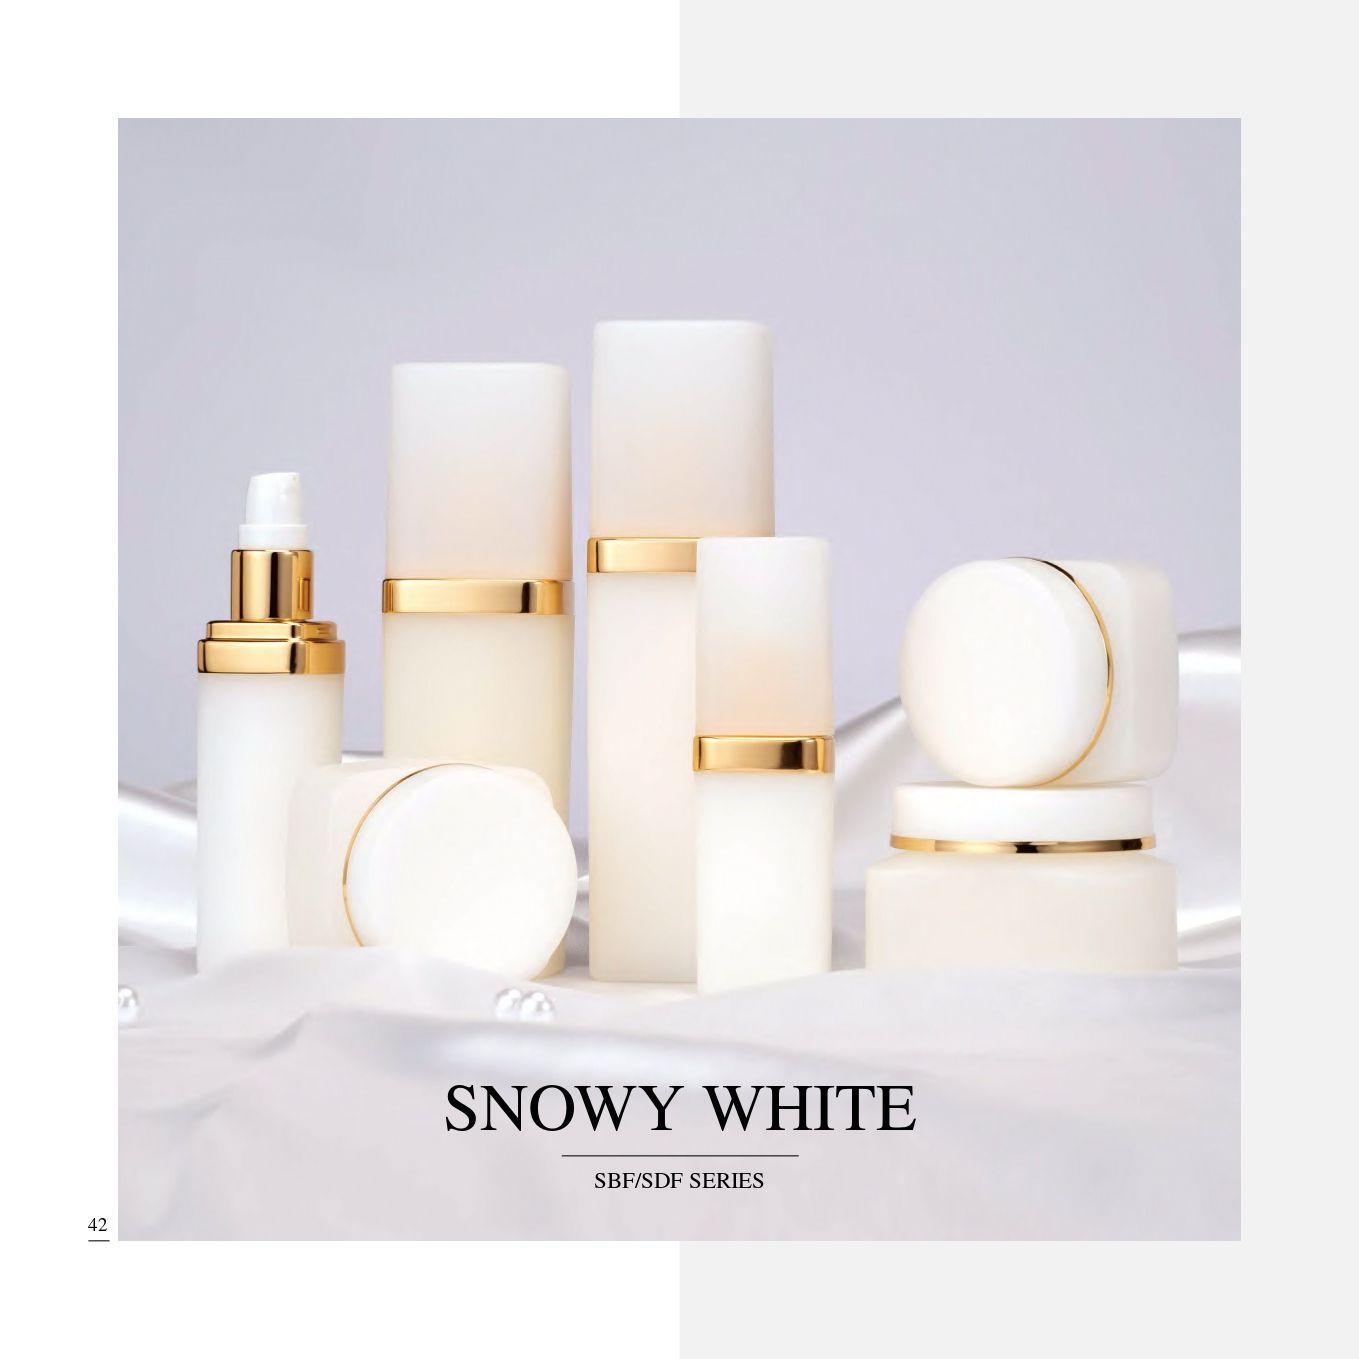 cuadrado shape Eco PP Luxury Cosmetic & Skincare Envase - Serie Blancanieves - Cosmético PP ecológico Envase Colección - Snowy White